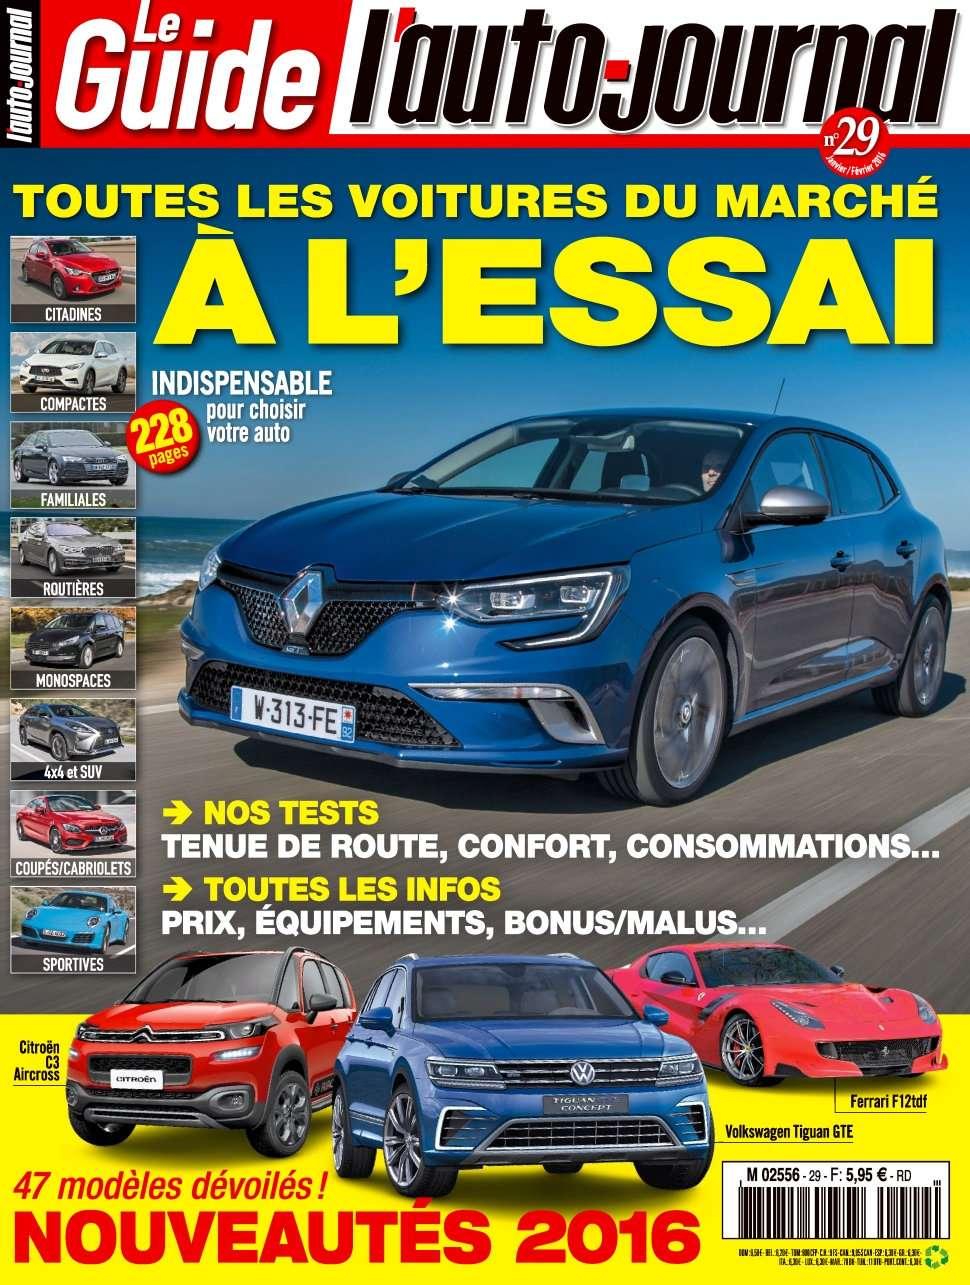 L'Auto-Journal (Le Guide) 29 - Janvier/Février 2016